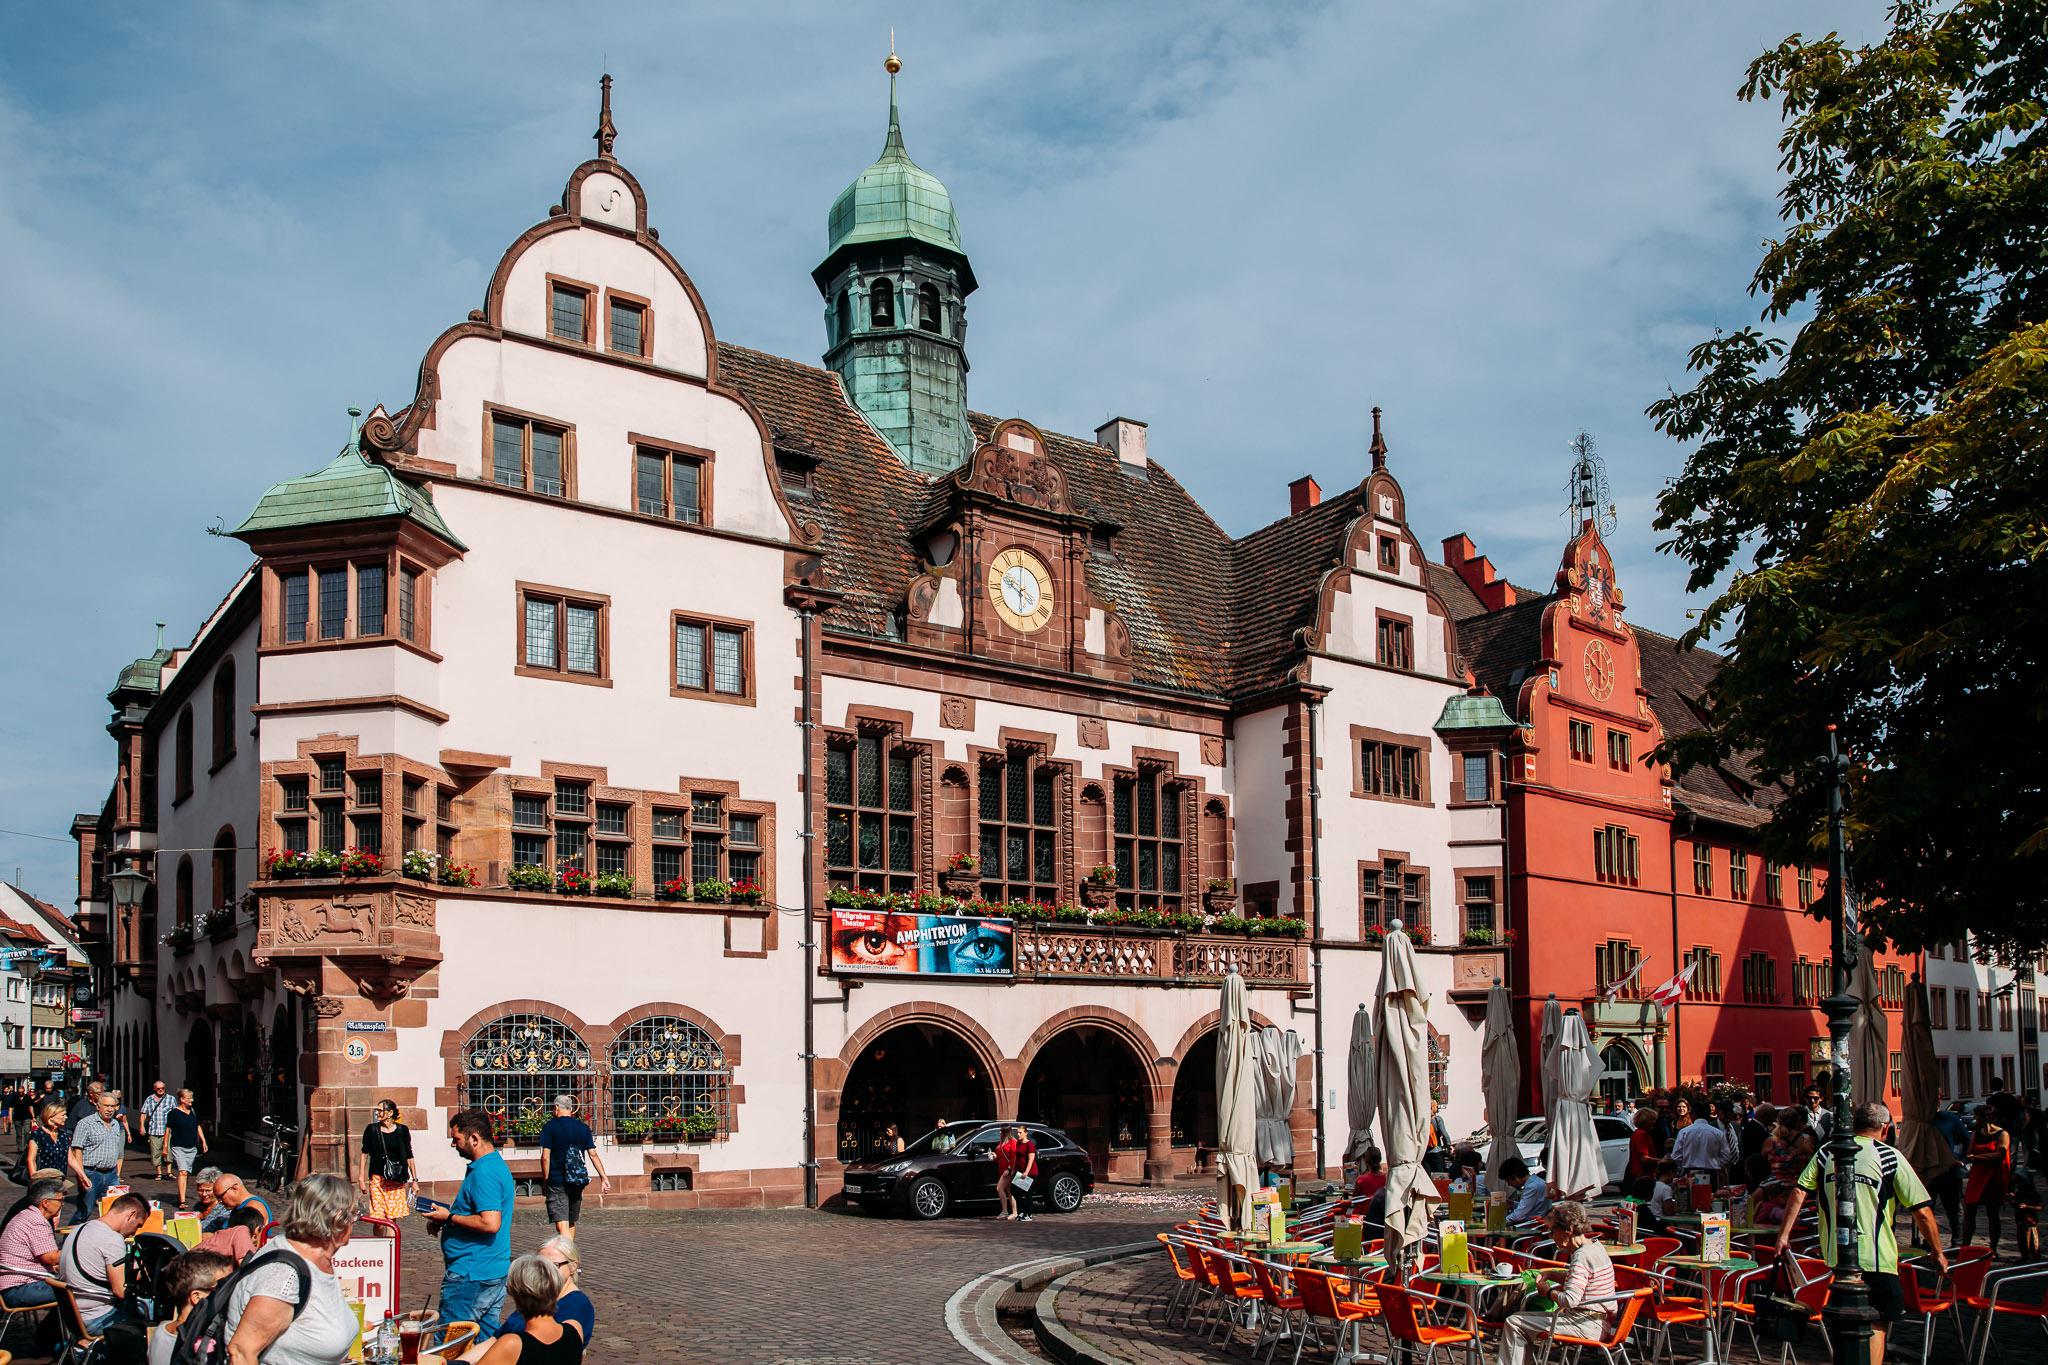 190727_deutsch_amerikanische_Hochzeit_Freiburg_Breisgau_Lilienhof_0001.jpg